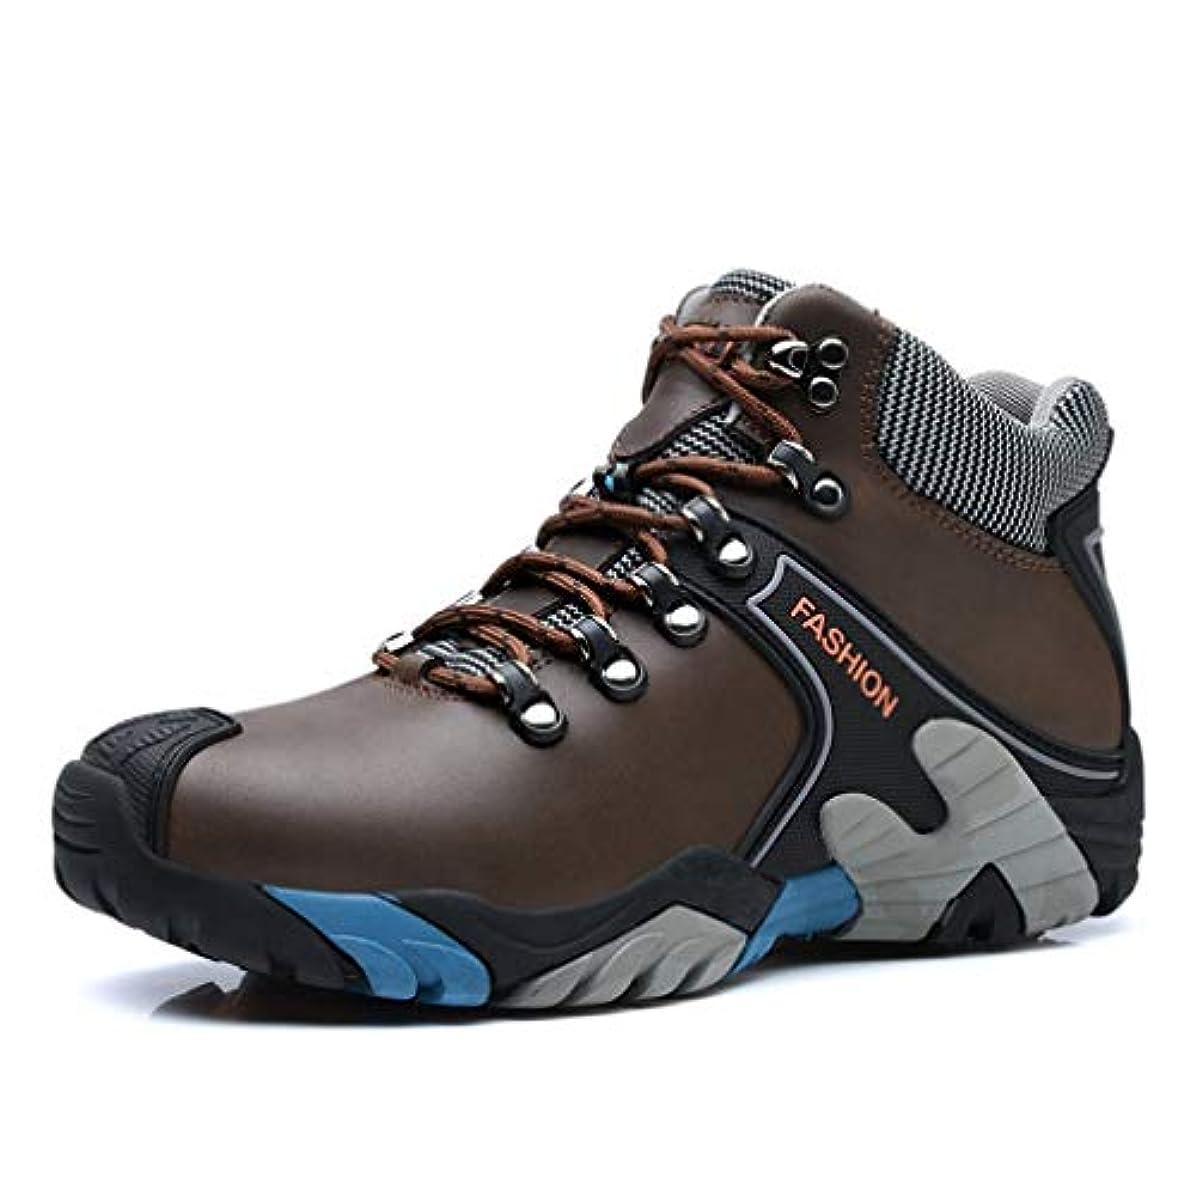 キロメートル以来しおれた[NJI] トレッキングシューズ アウトドアスニーカー スポーツ メンズカジュアル 軽登山用シューズ アウトドア ショートブーツ ハイカット 防水ライニング 登山靴 遠足 雨靴 ウォーキングシューズ 山歩き 軽登山